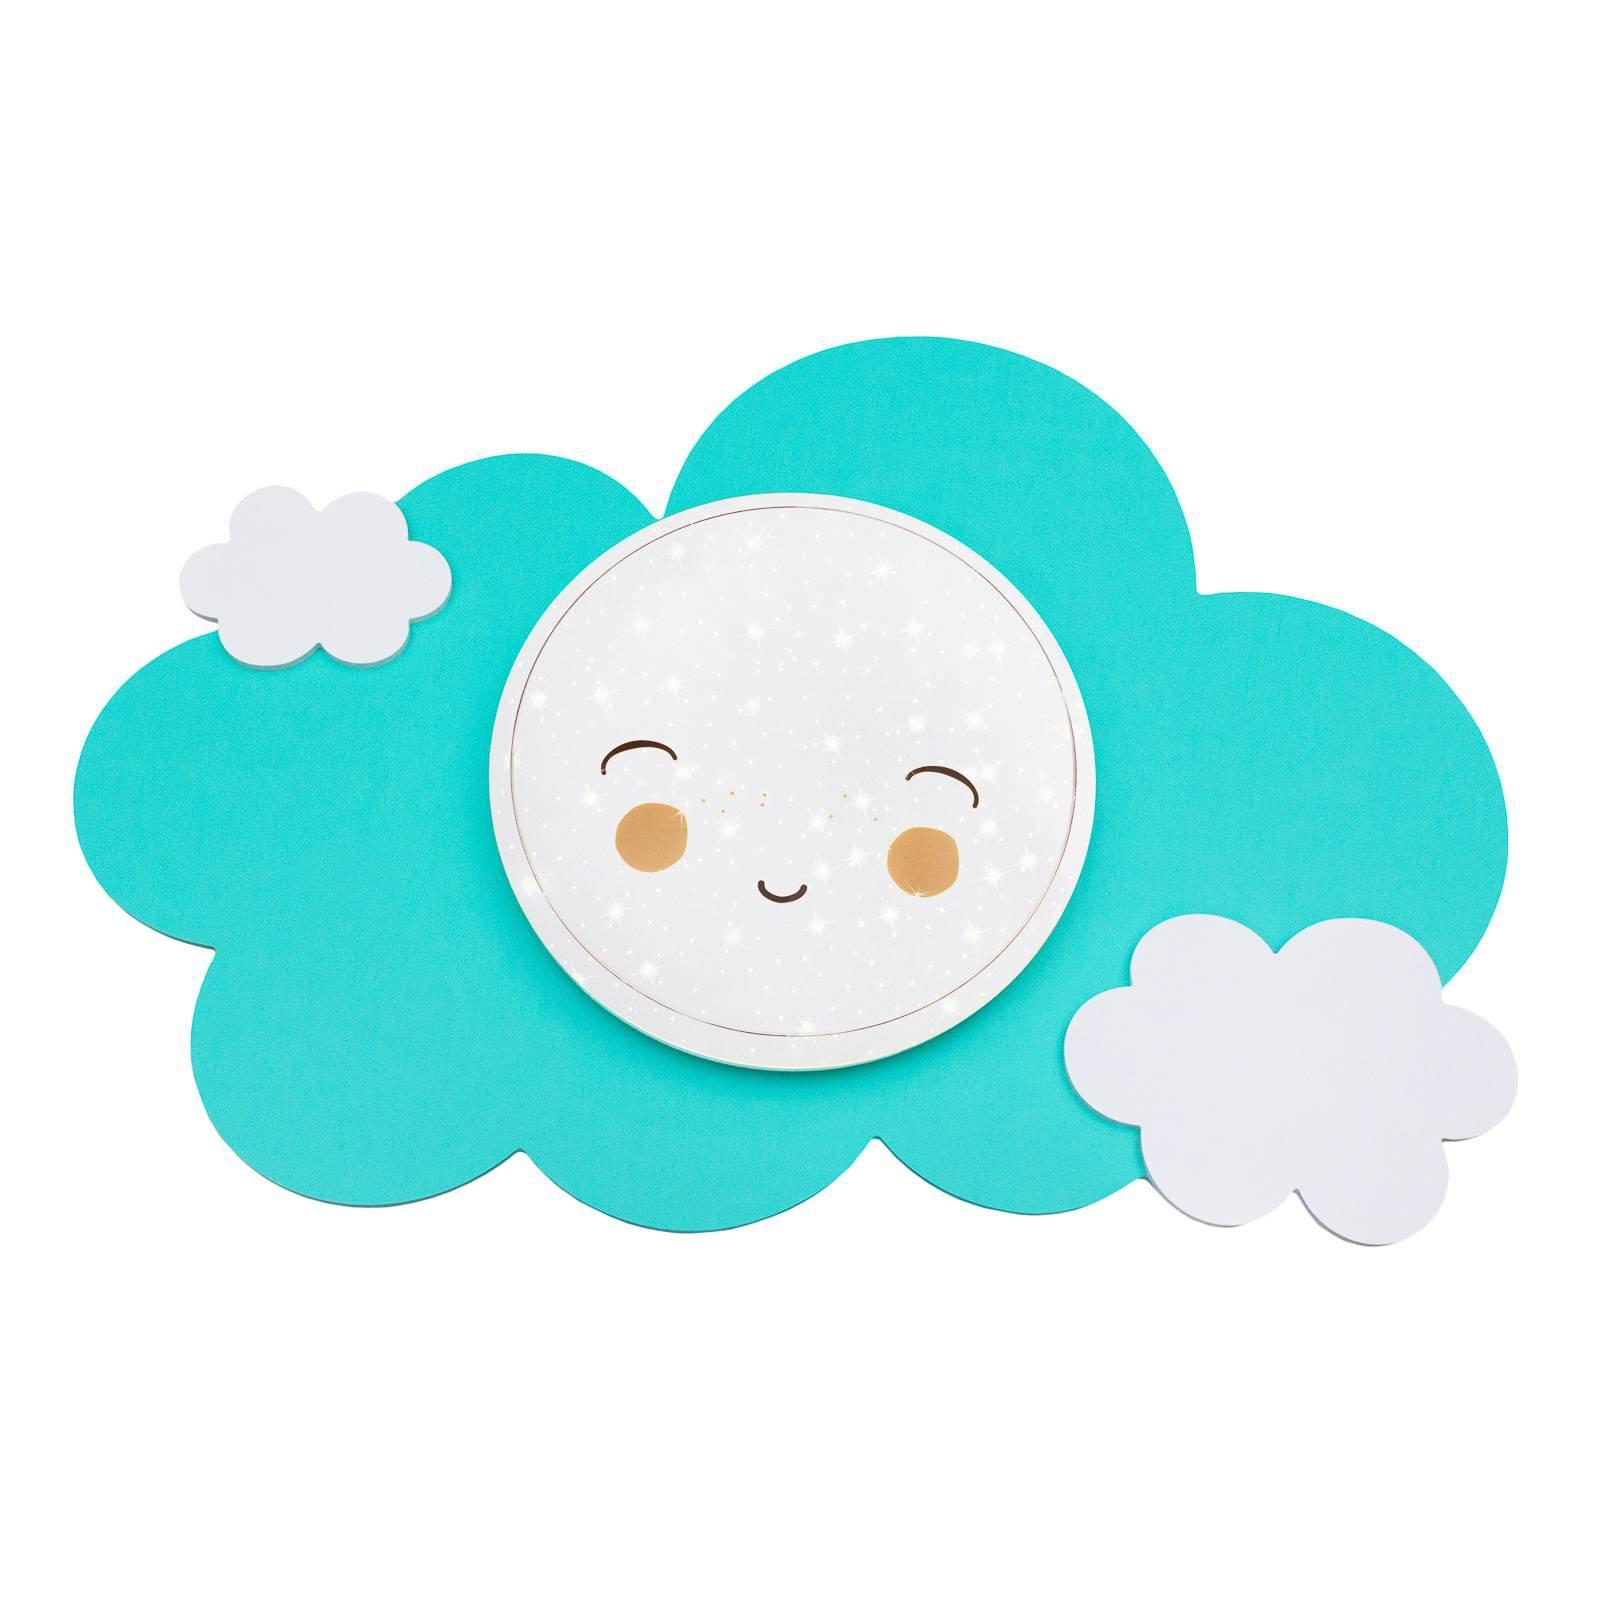 LED-vegglampe bildesky Starlight Smile, mint